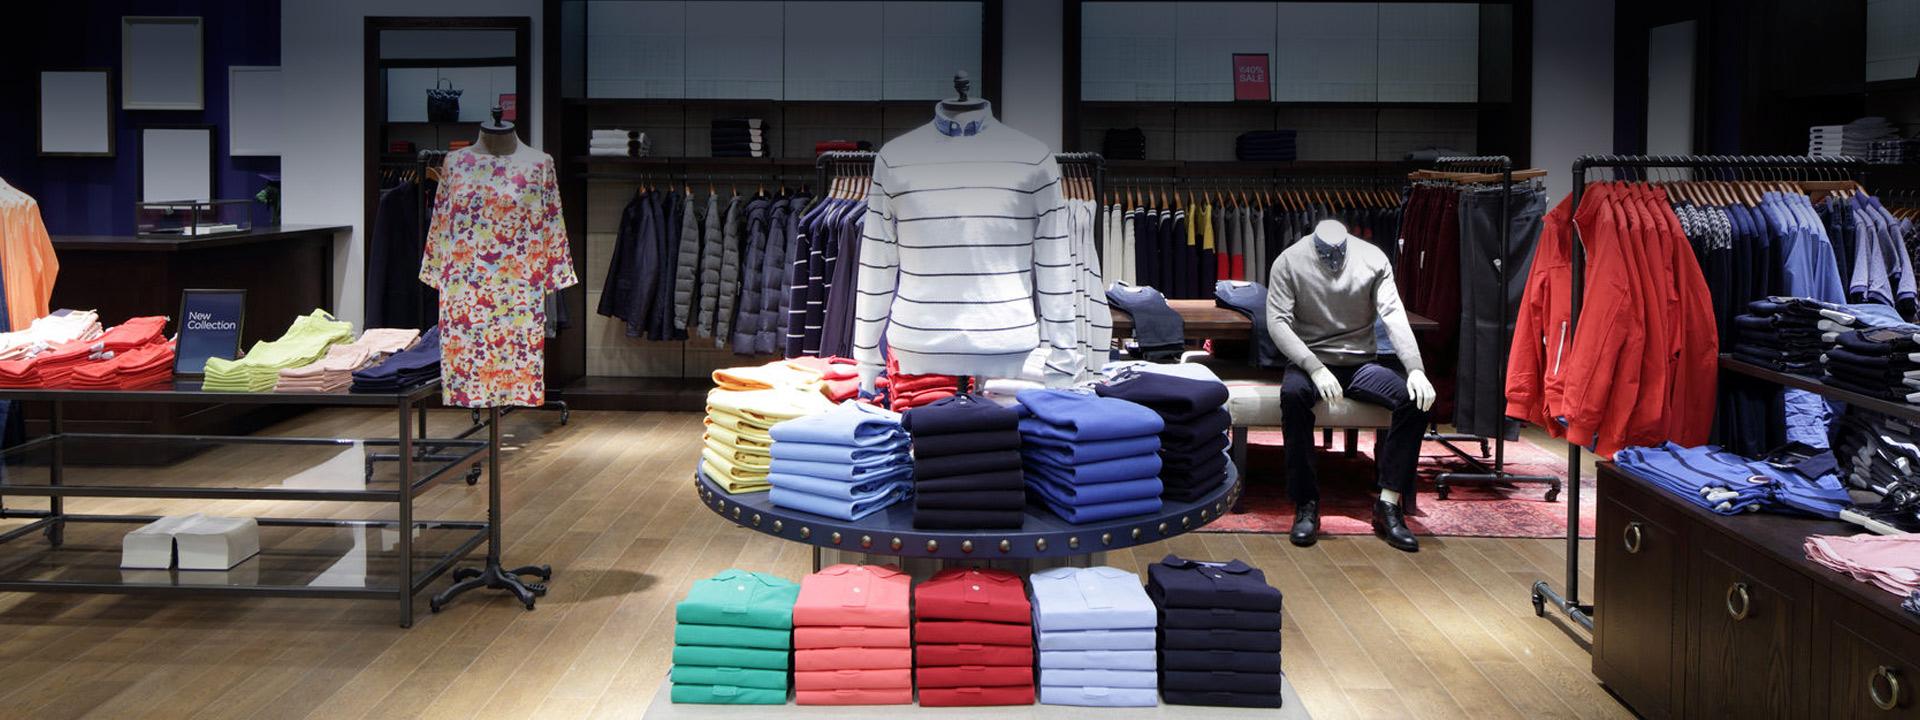 новая одежда в магазине